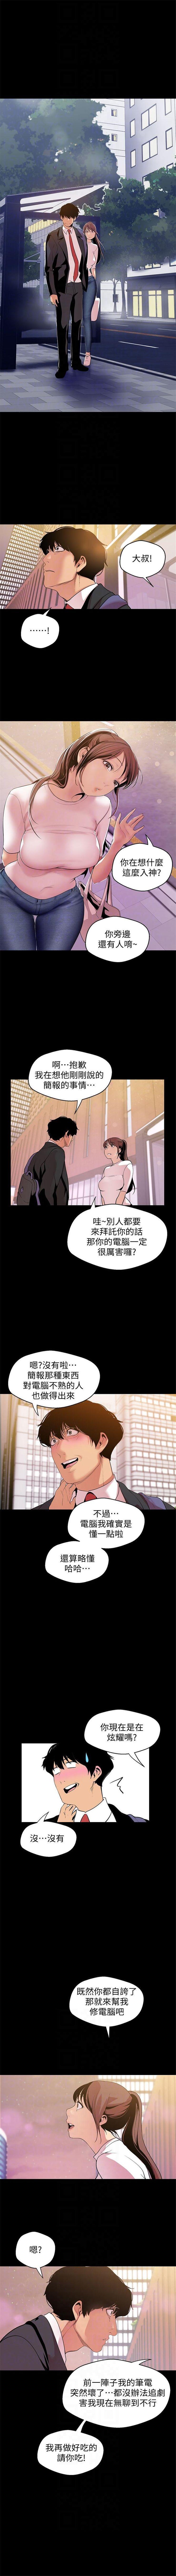 (周6)美丽新世界 1-61 中文翻译 (更新中) 365